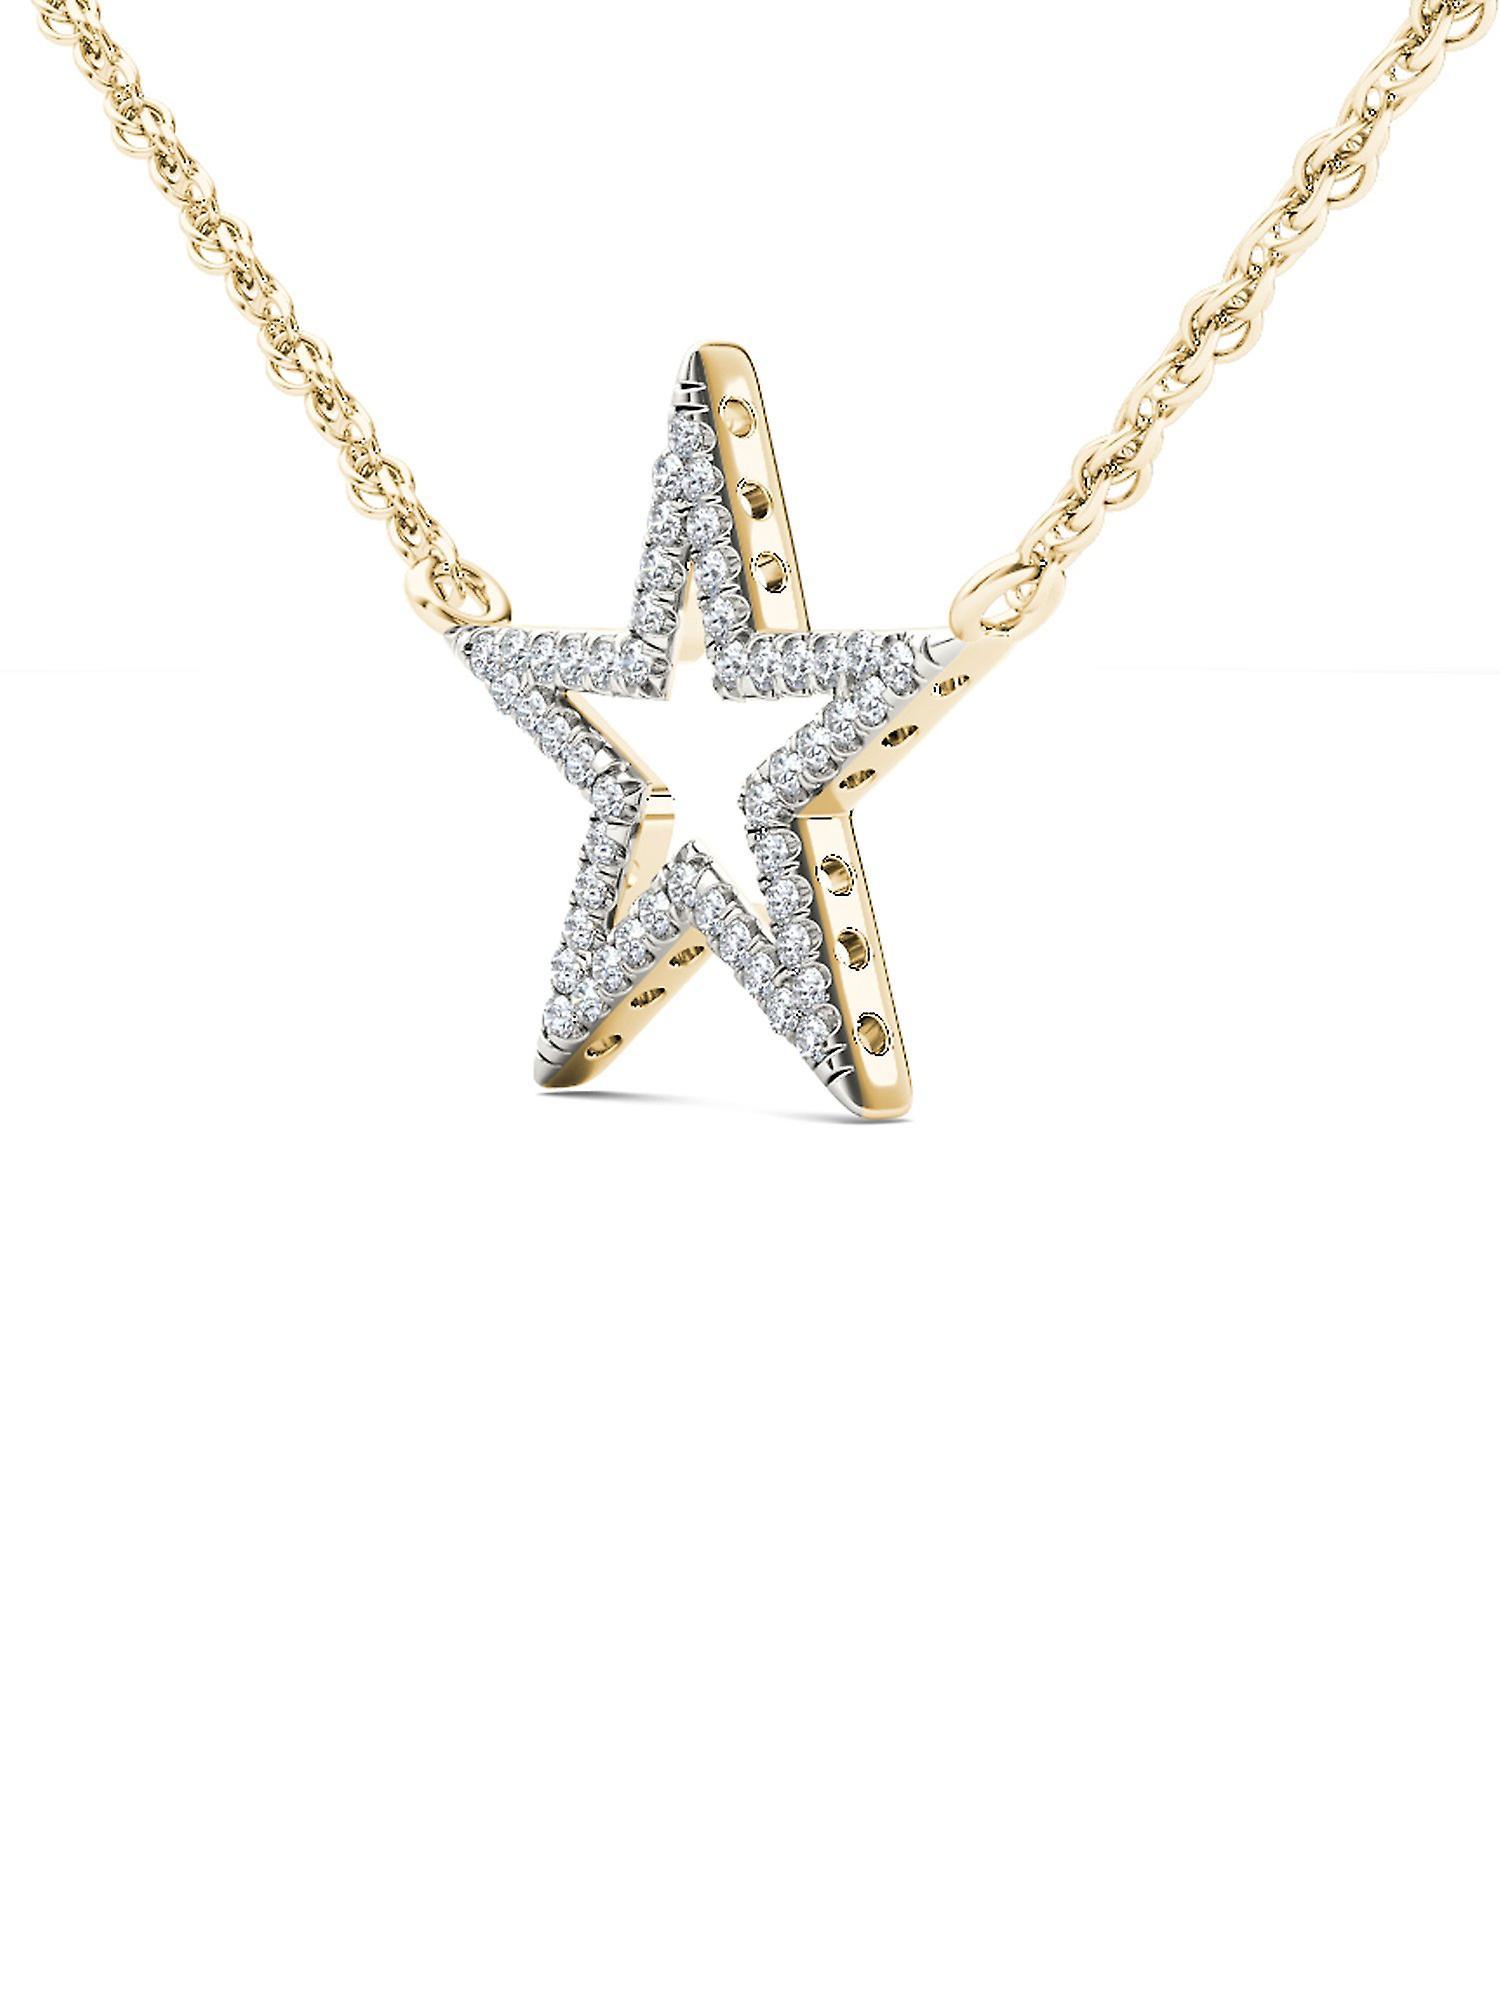 Super Specials Fantastisk pris Igi zertifiziert 10 k Gelbgold 0,12 ct natürlichen Diamant Stern Anhänger Halskette  zIeMt